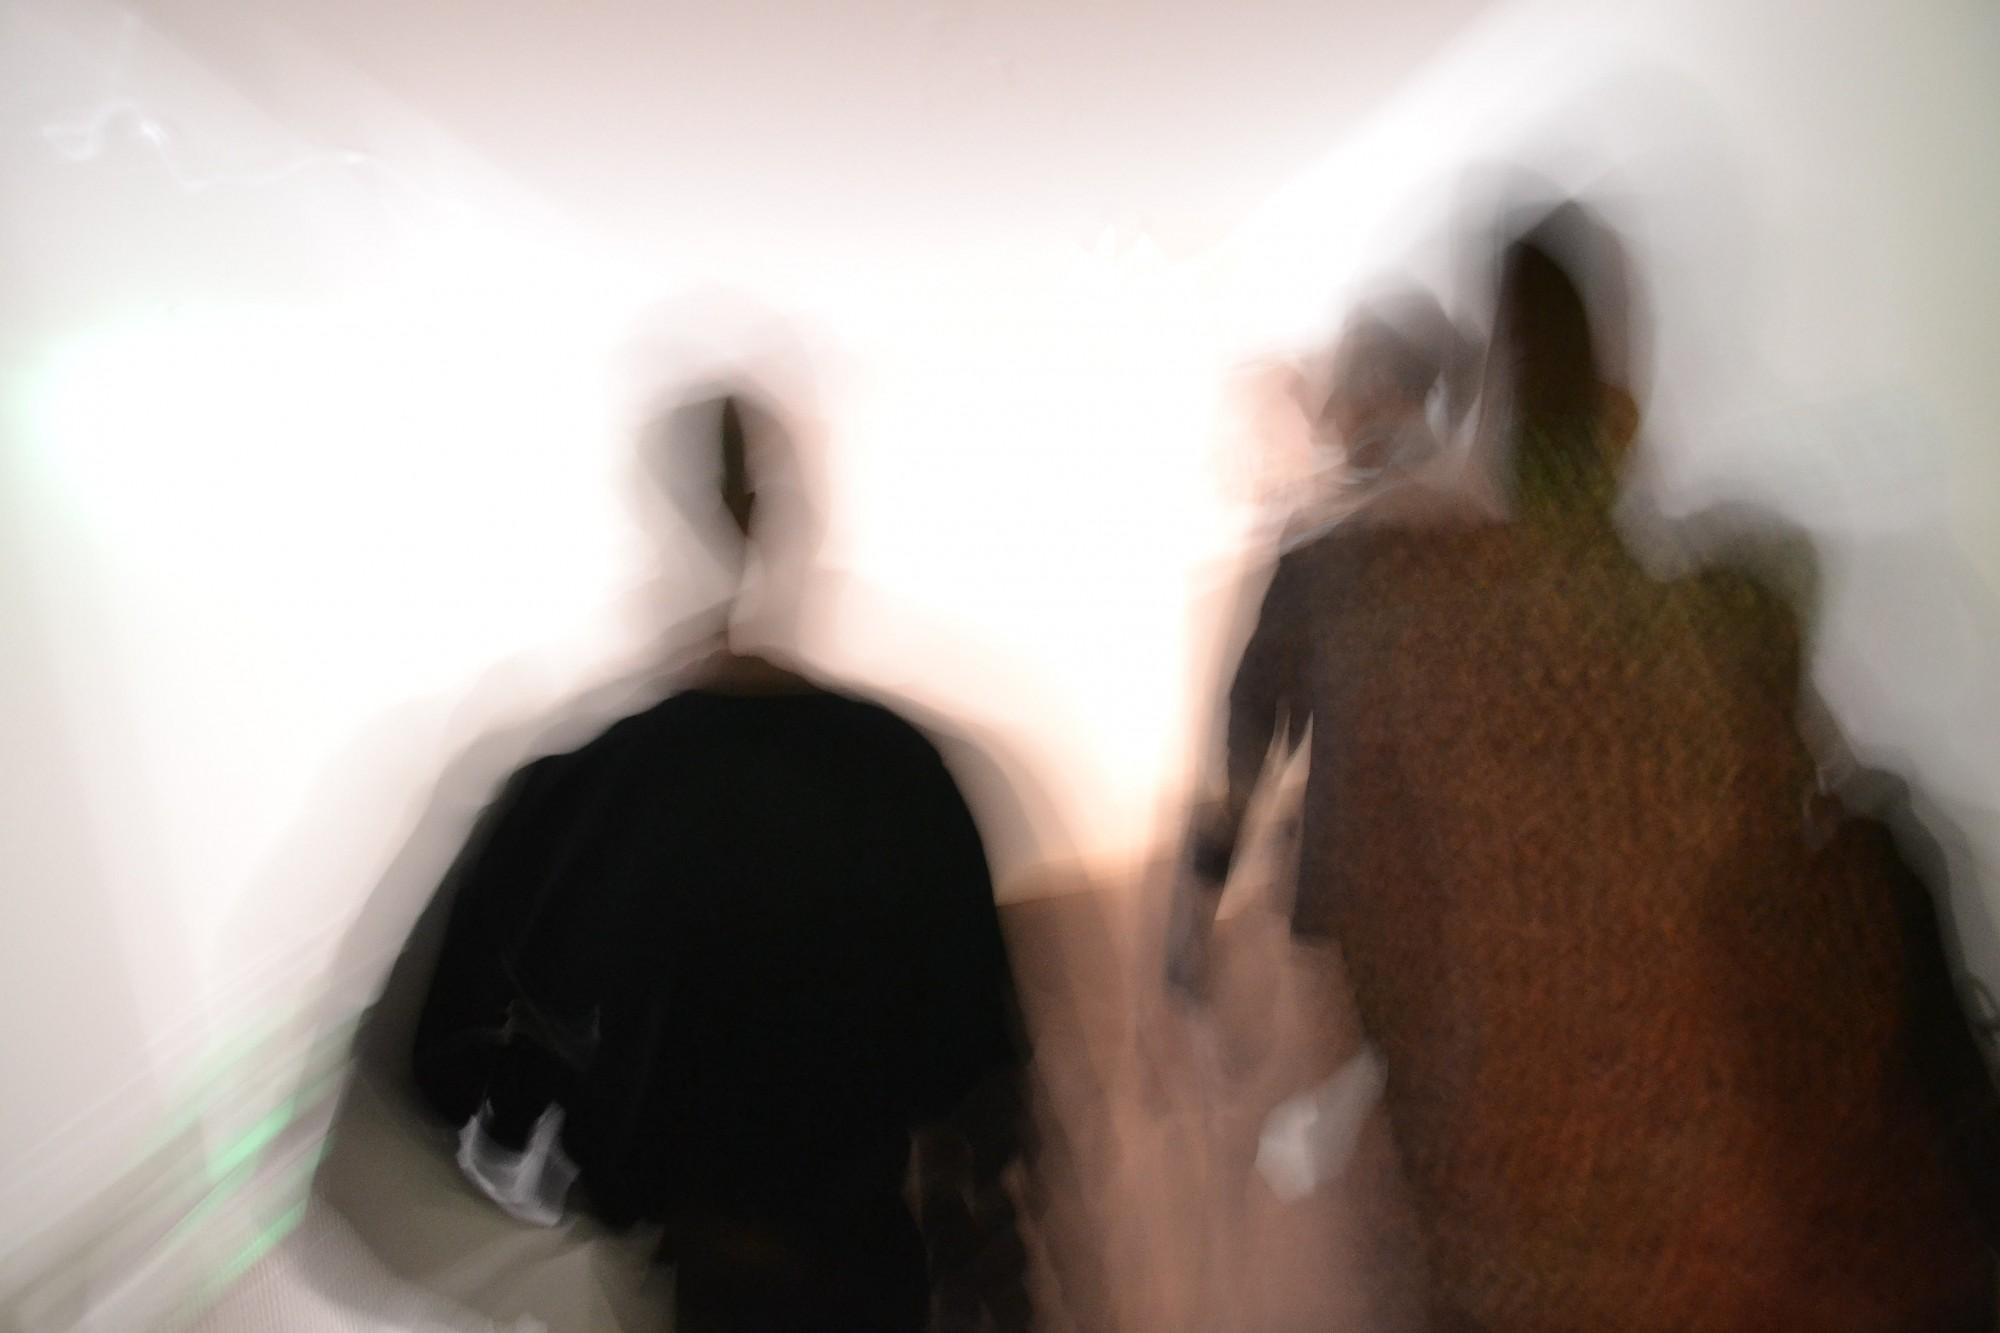 Atmodas bulvārī ielaužas dzīvoklī un nodara miesas bojājumus vairākiem cilvēkiem